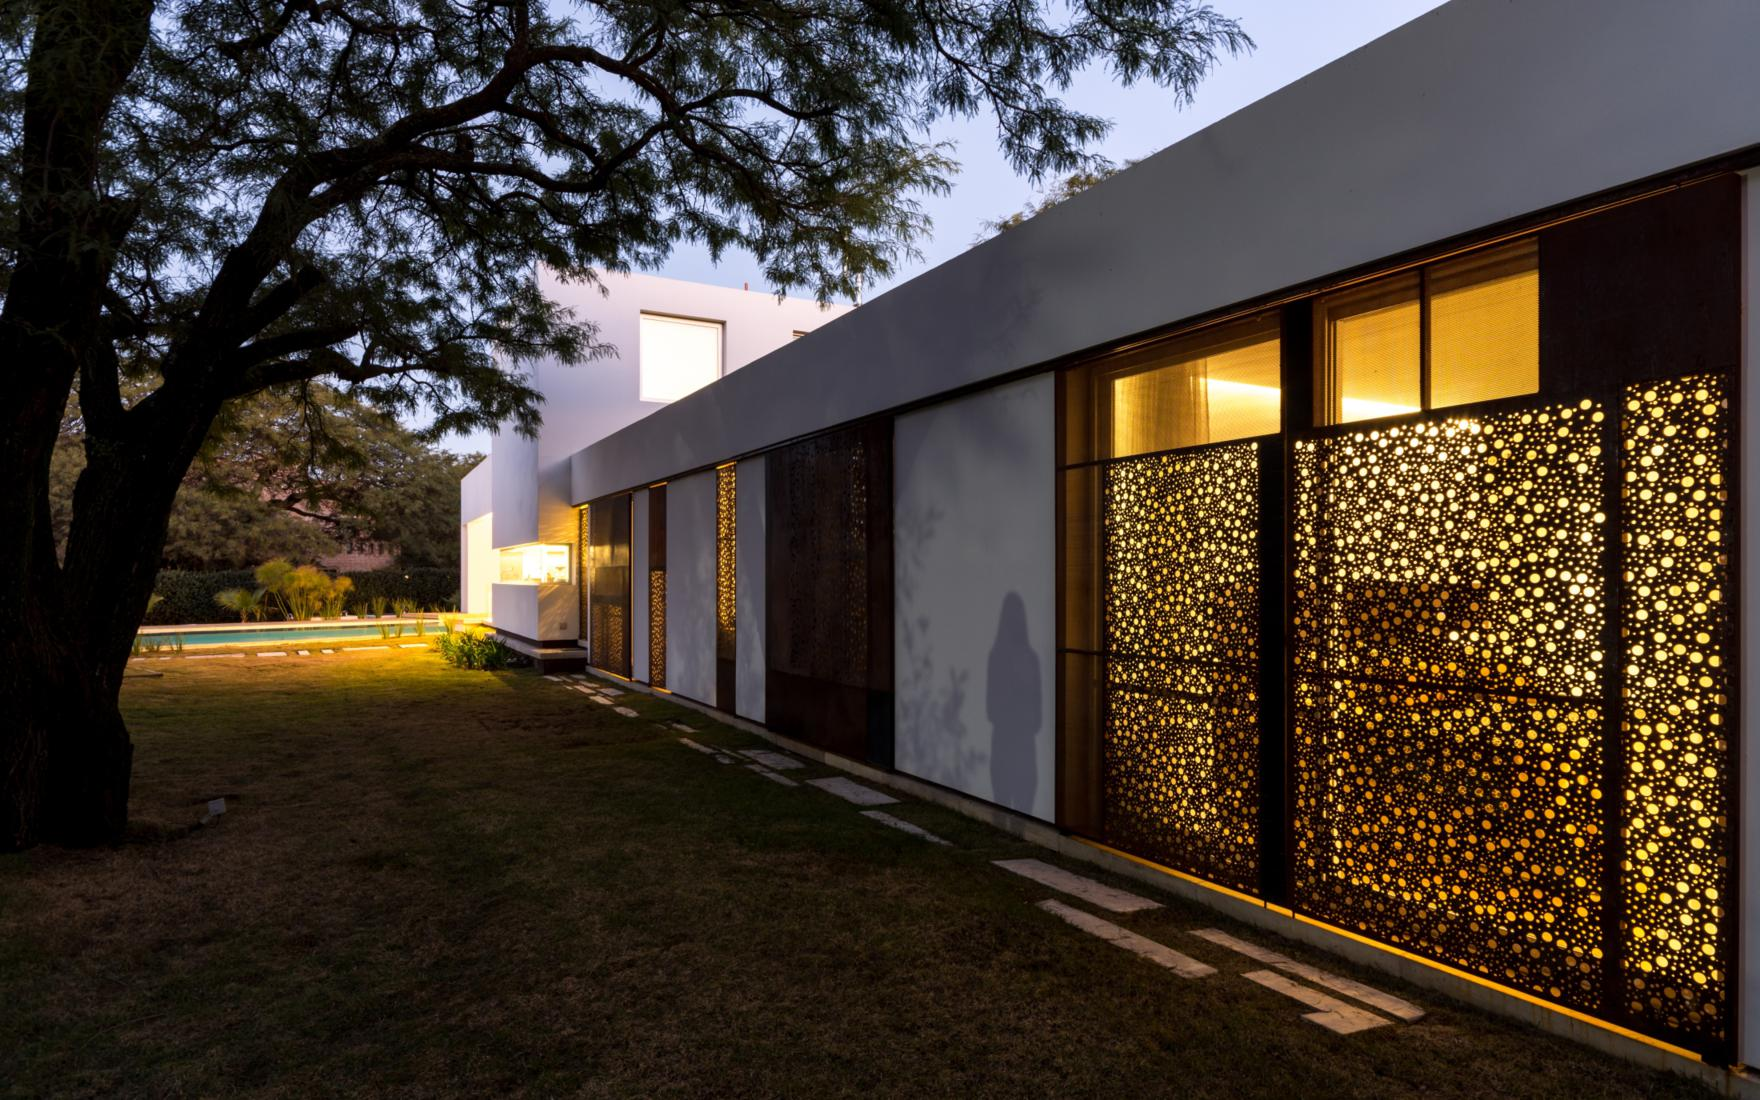 Revista estilo propio arquitectura y dise o arte y for Arquitectura tecnica a distancia